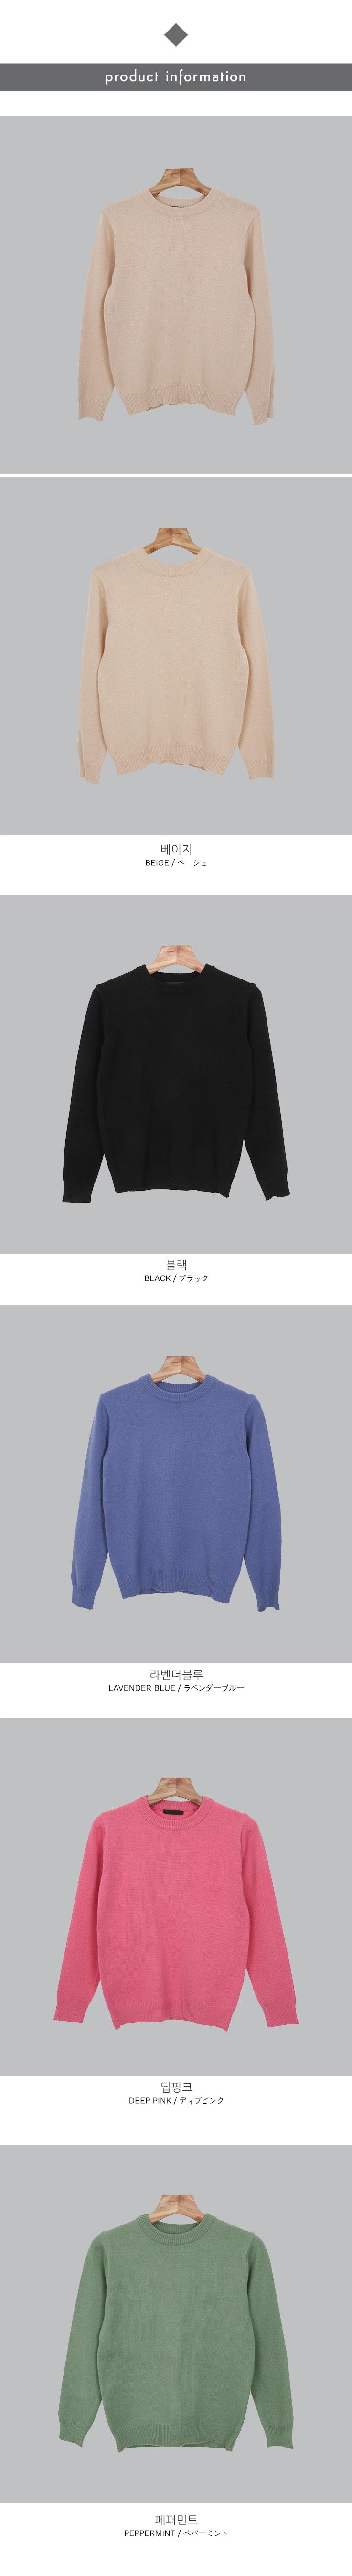 Crucial-Basic Knit